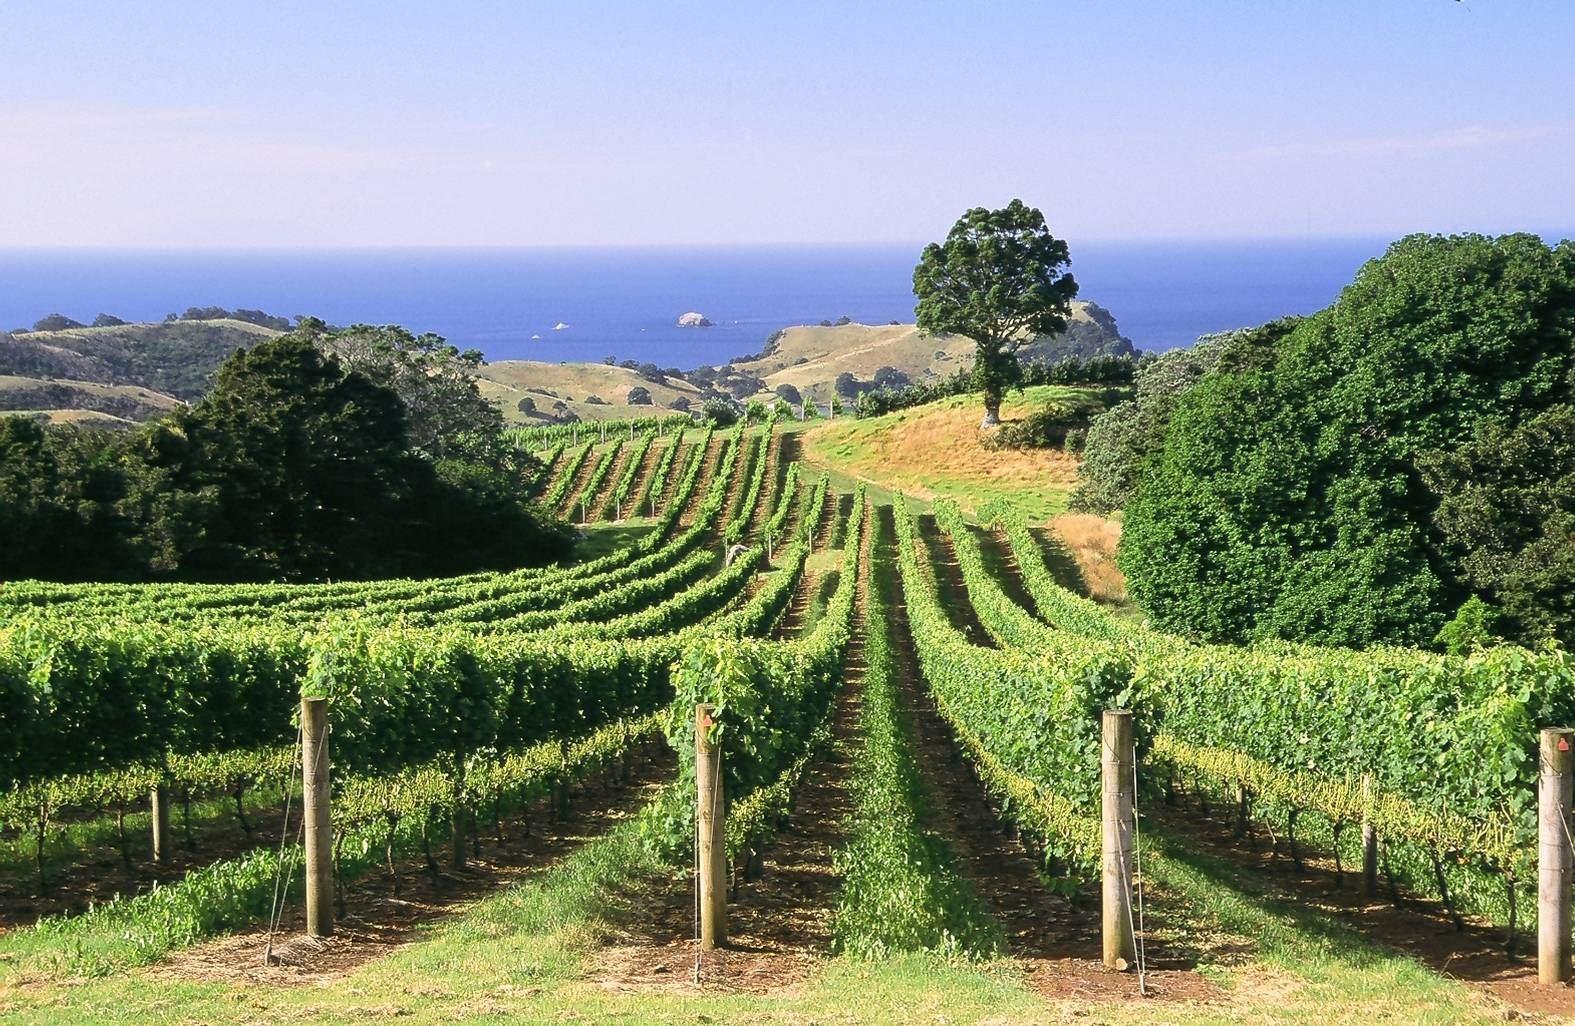 Man O War vineyards